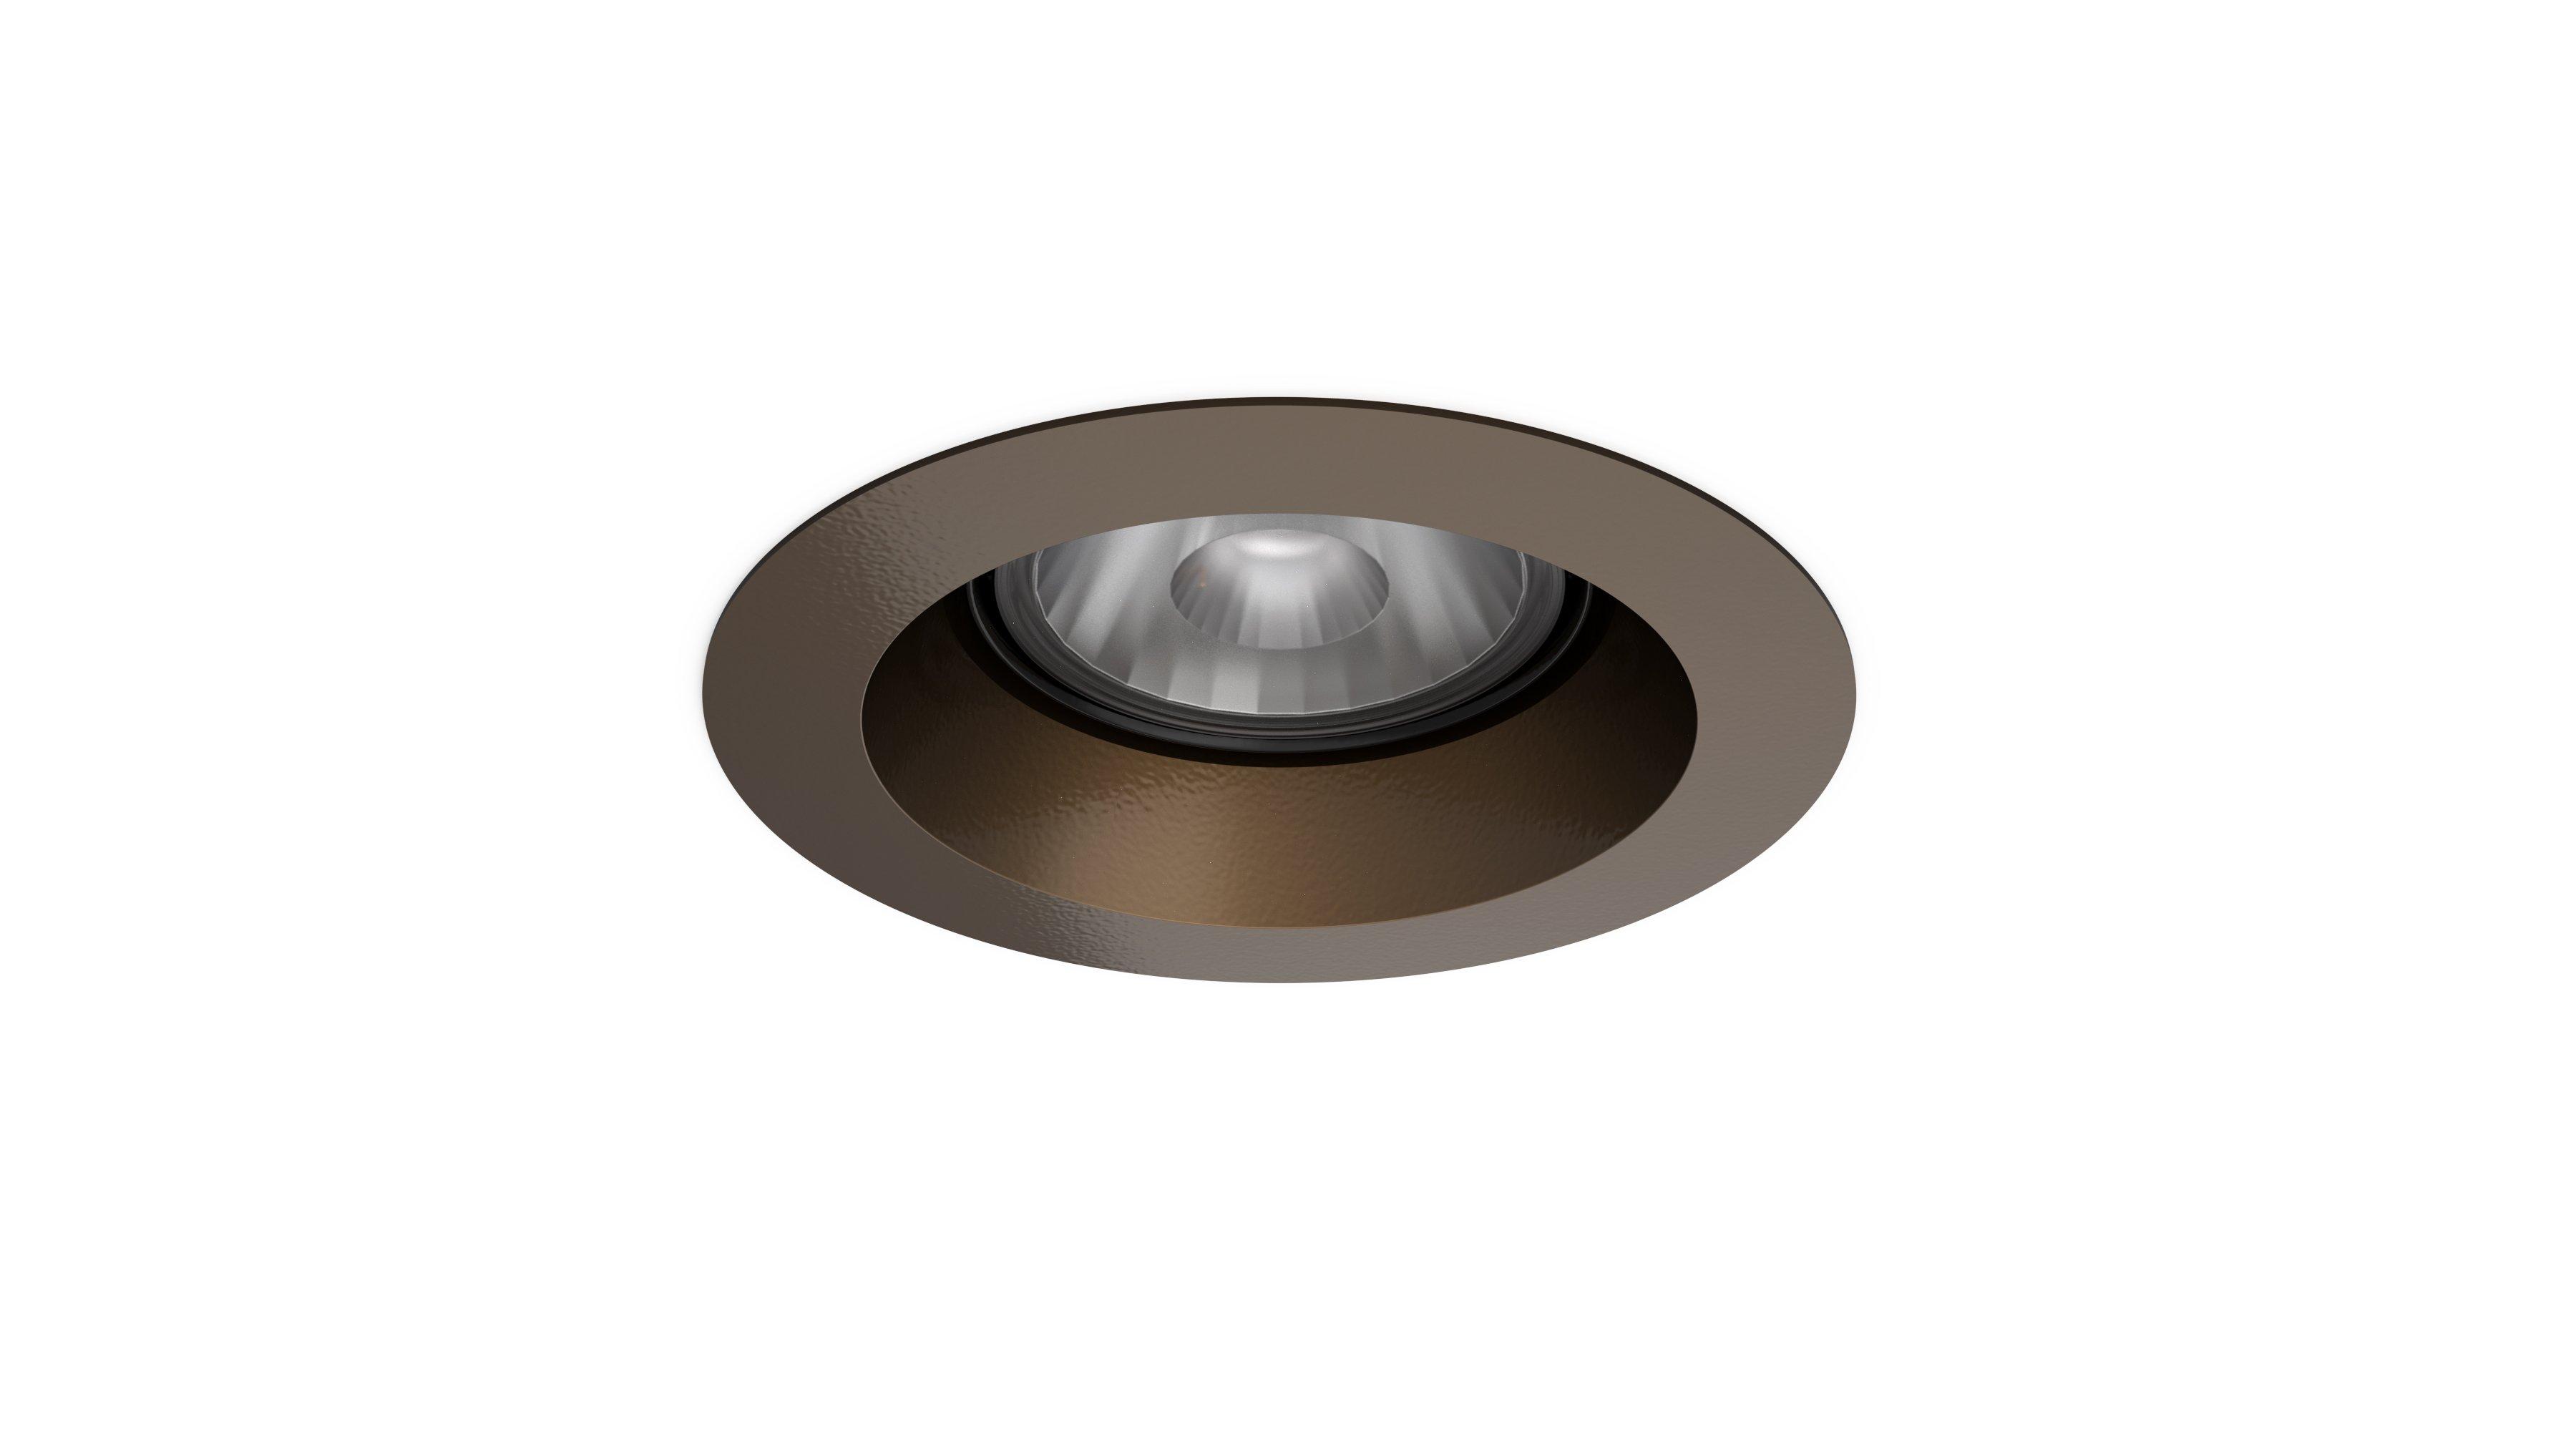 S30 Halo Downlight_InSitu_Perspective_Bronze